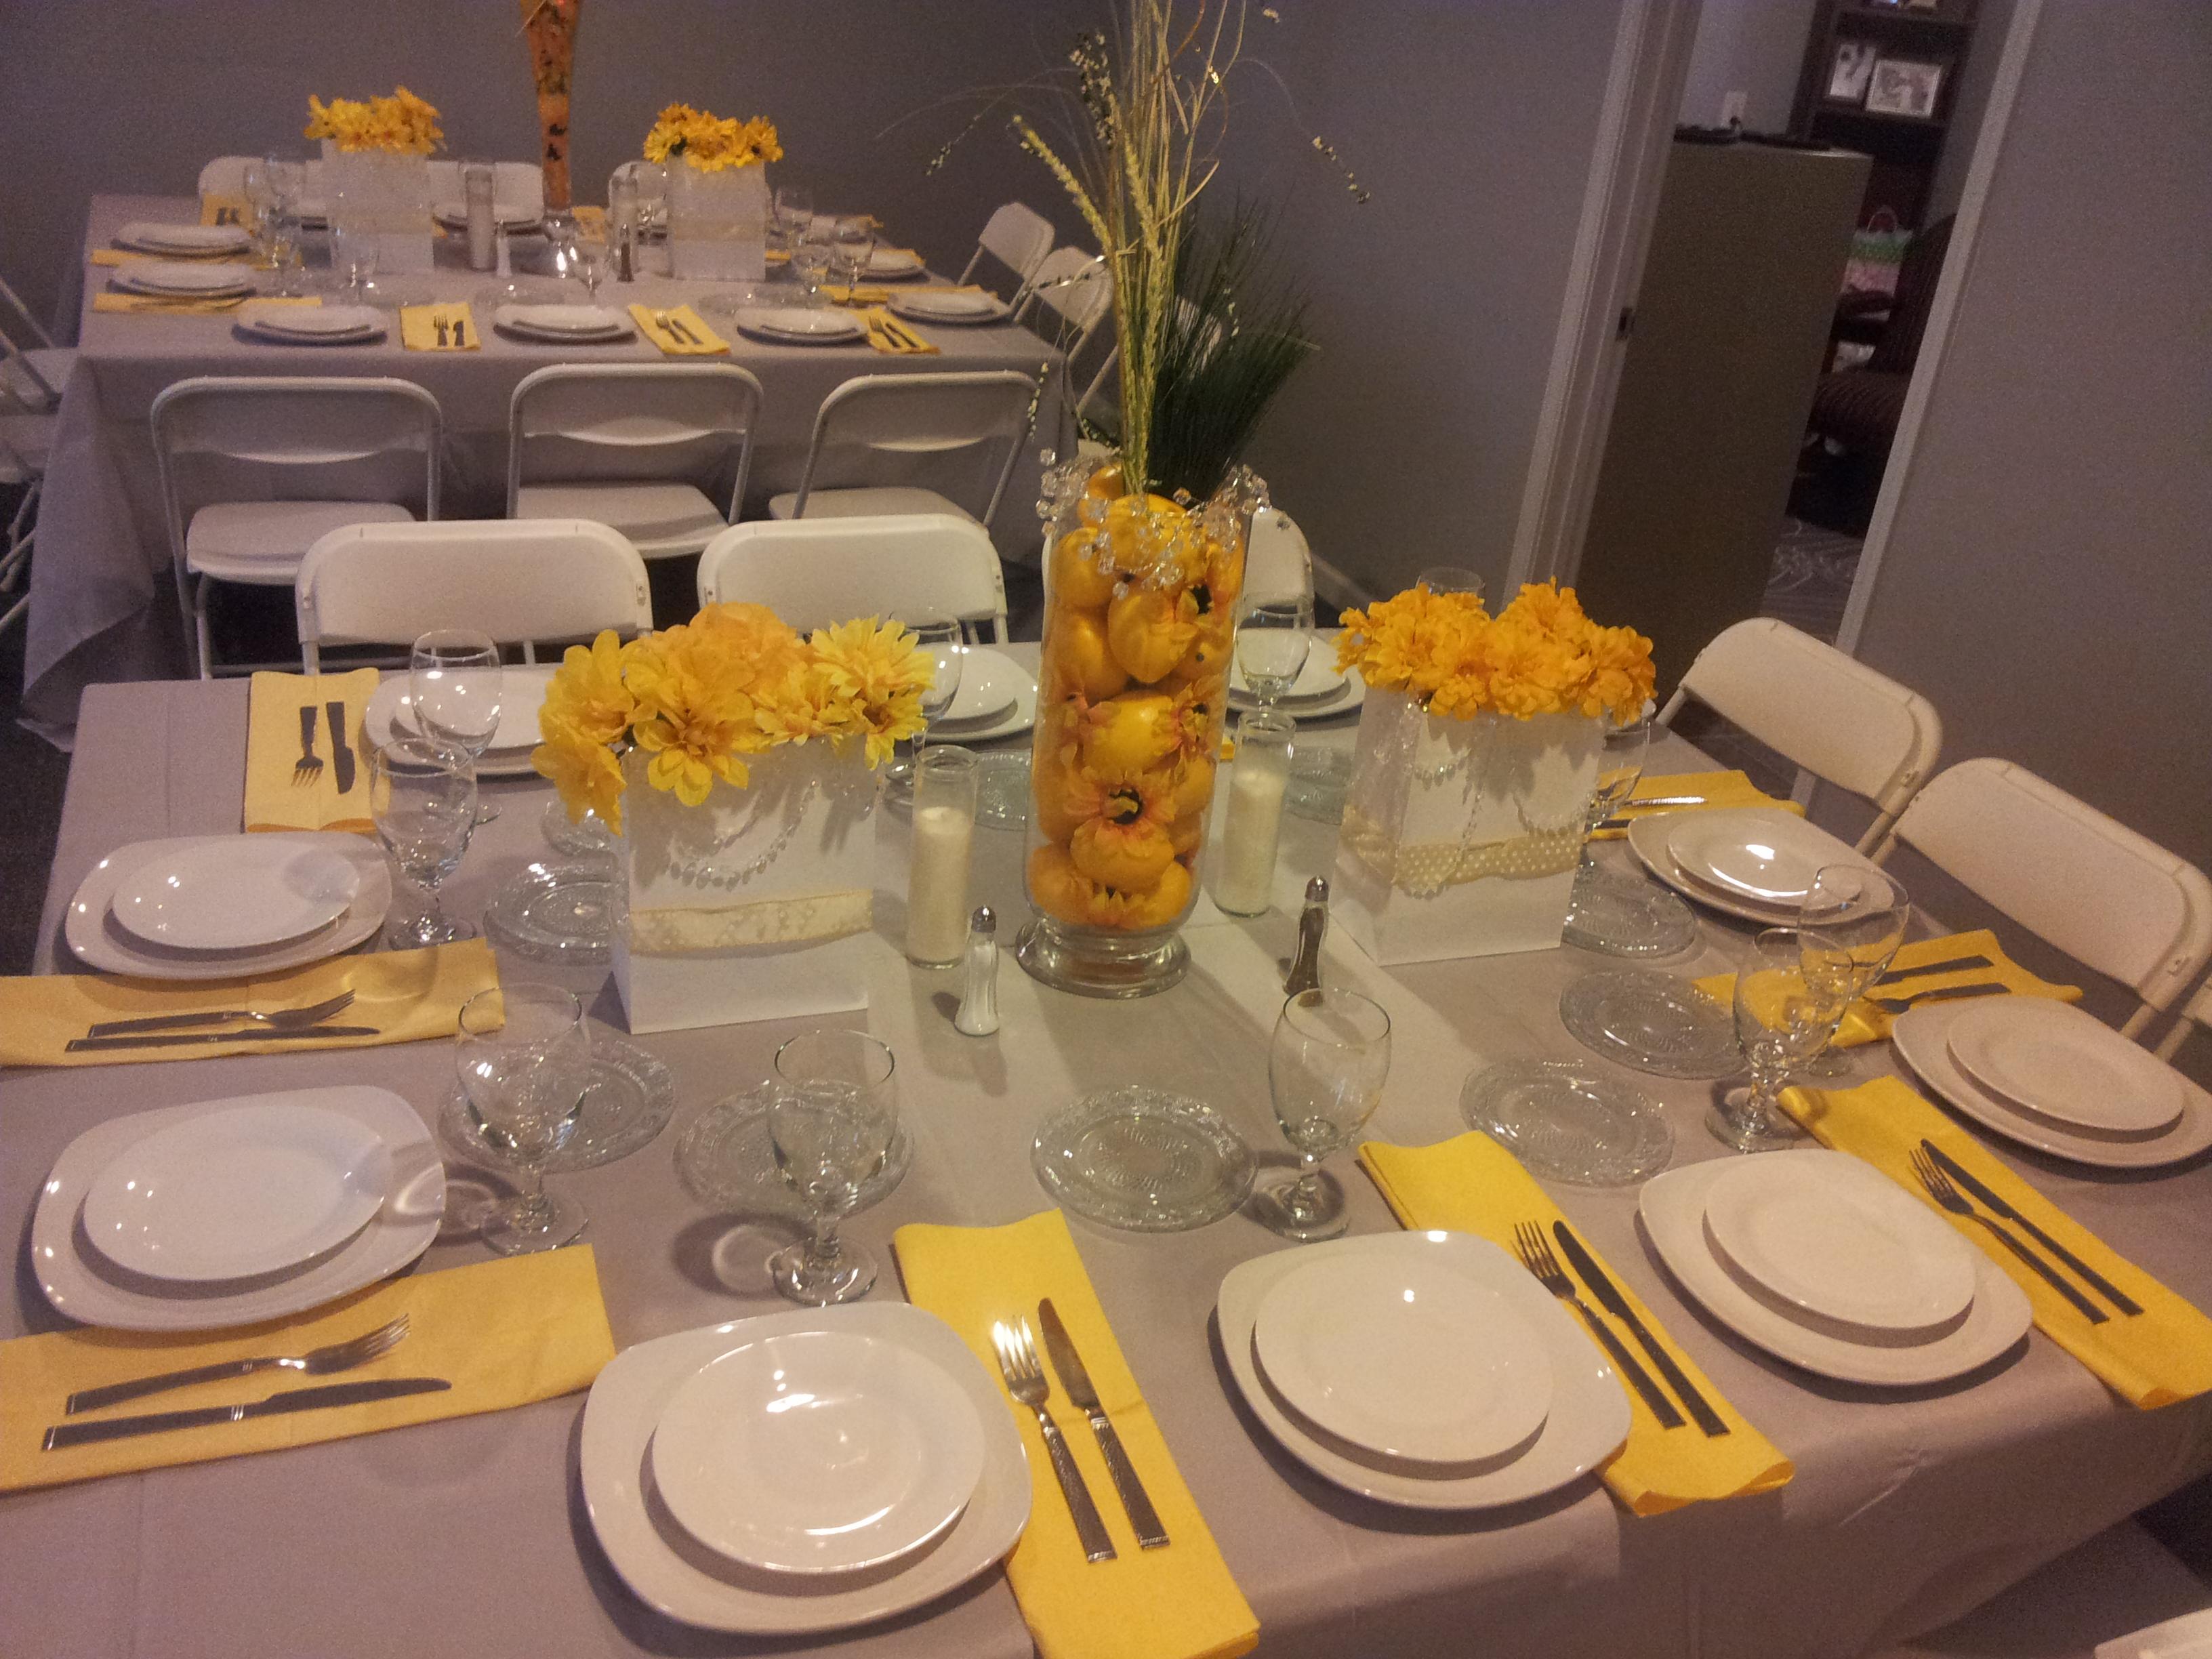 Church Banquet